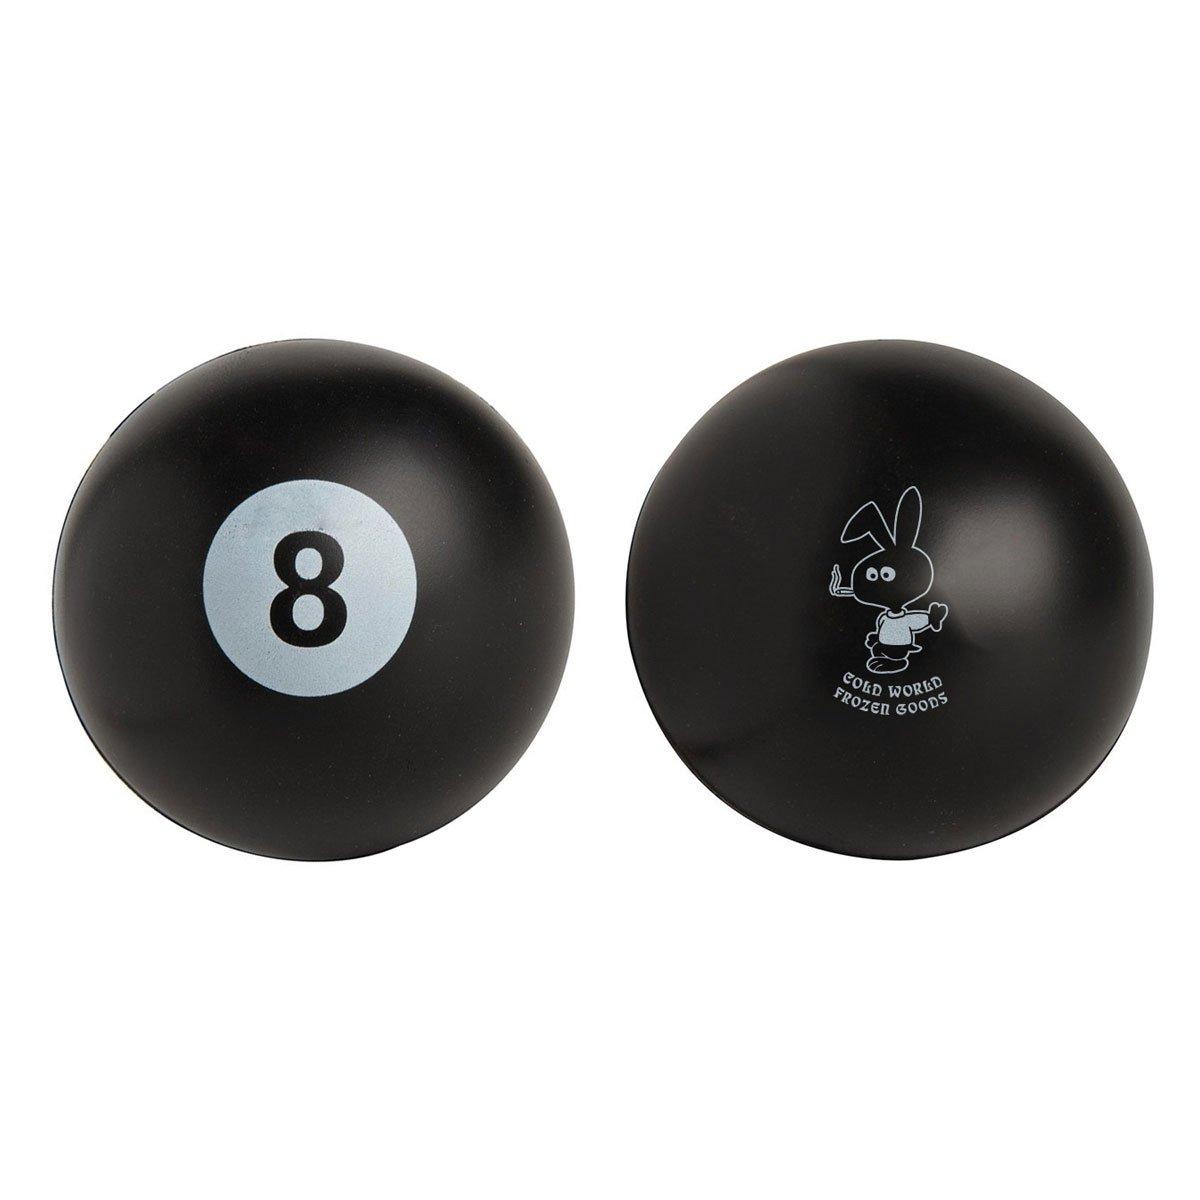 【COLD WORLD FROZEN GOODS/コールドワールドフローズングッズ】COLD BUNNY 8-BALL 8ボール / BLACK